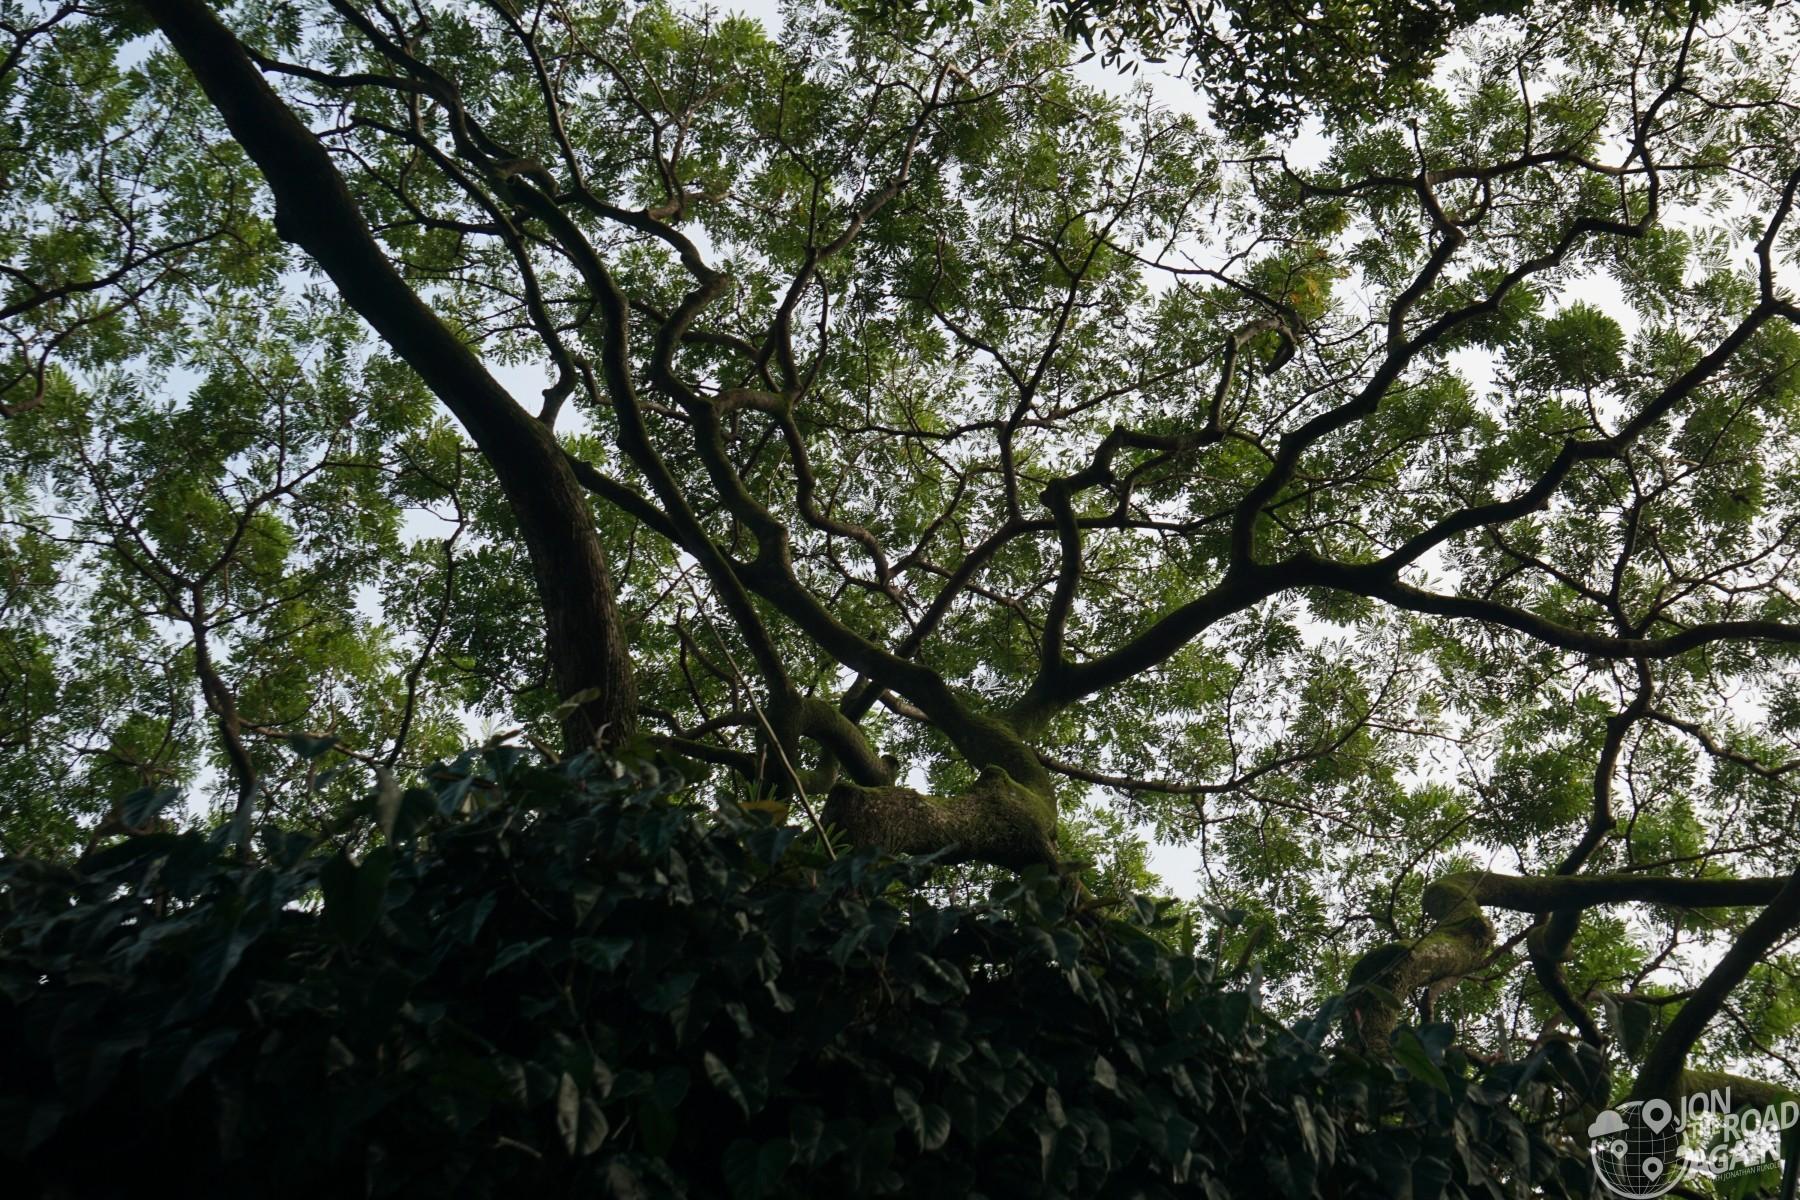 Monkeypod trees